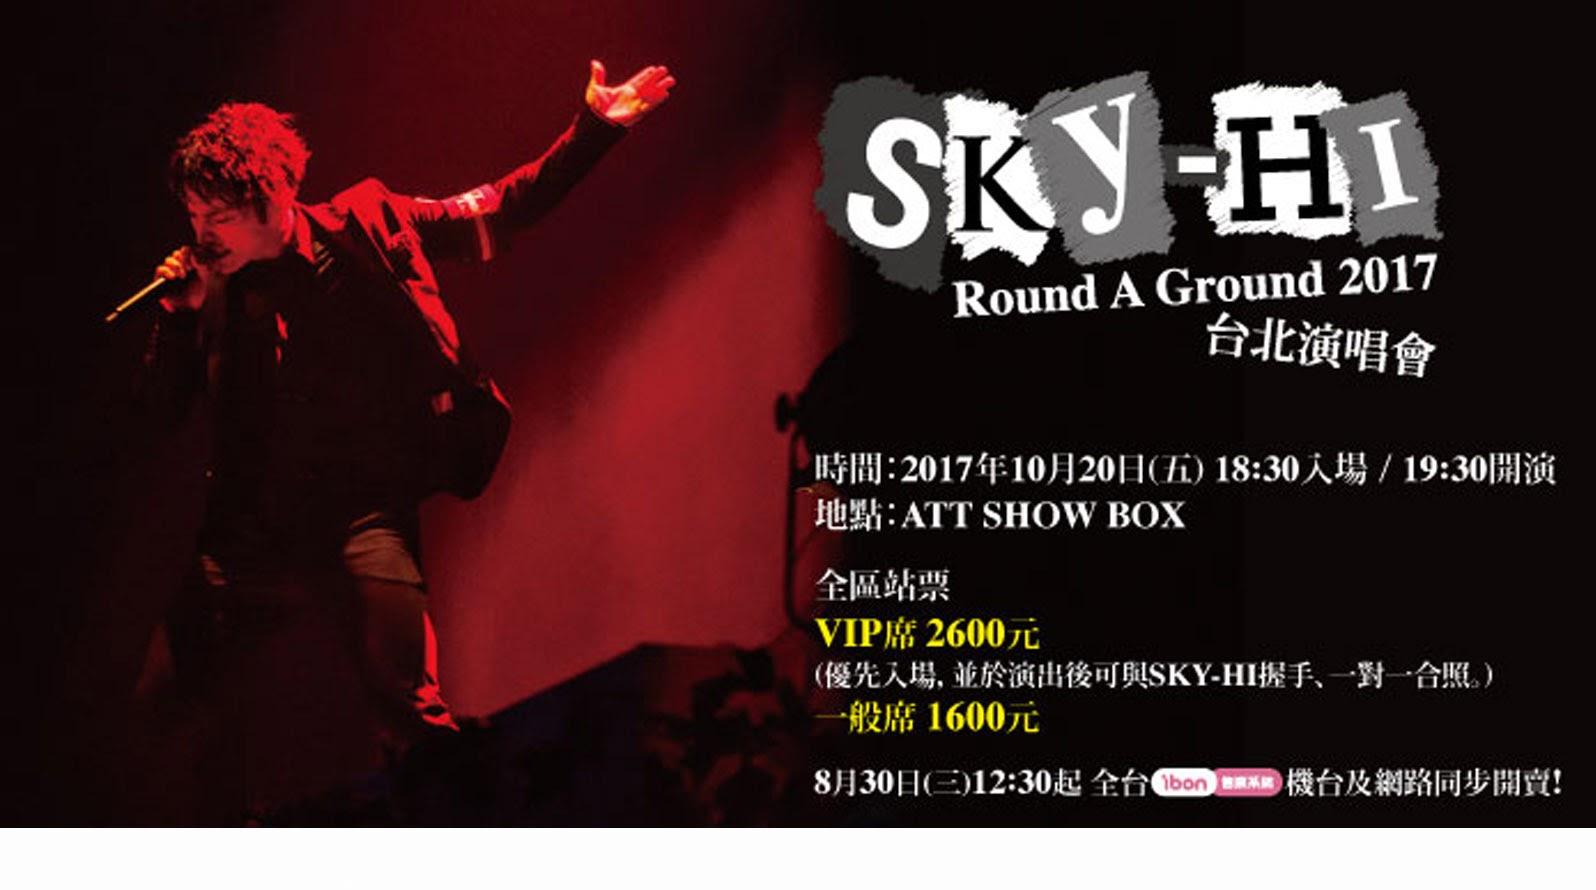 【迷迷歌單】SKY-HI Round A Ground 2017台北場